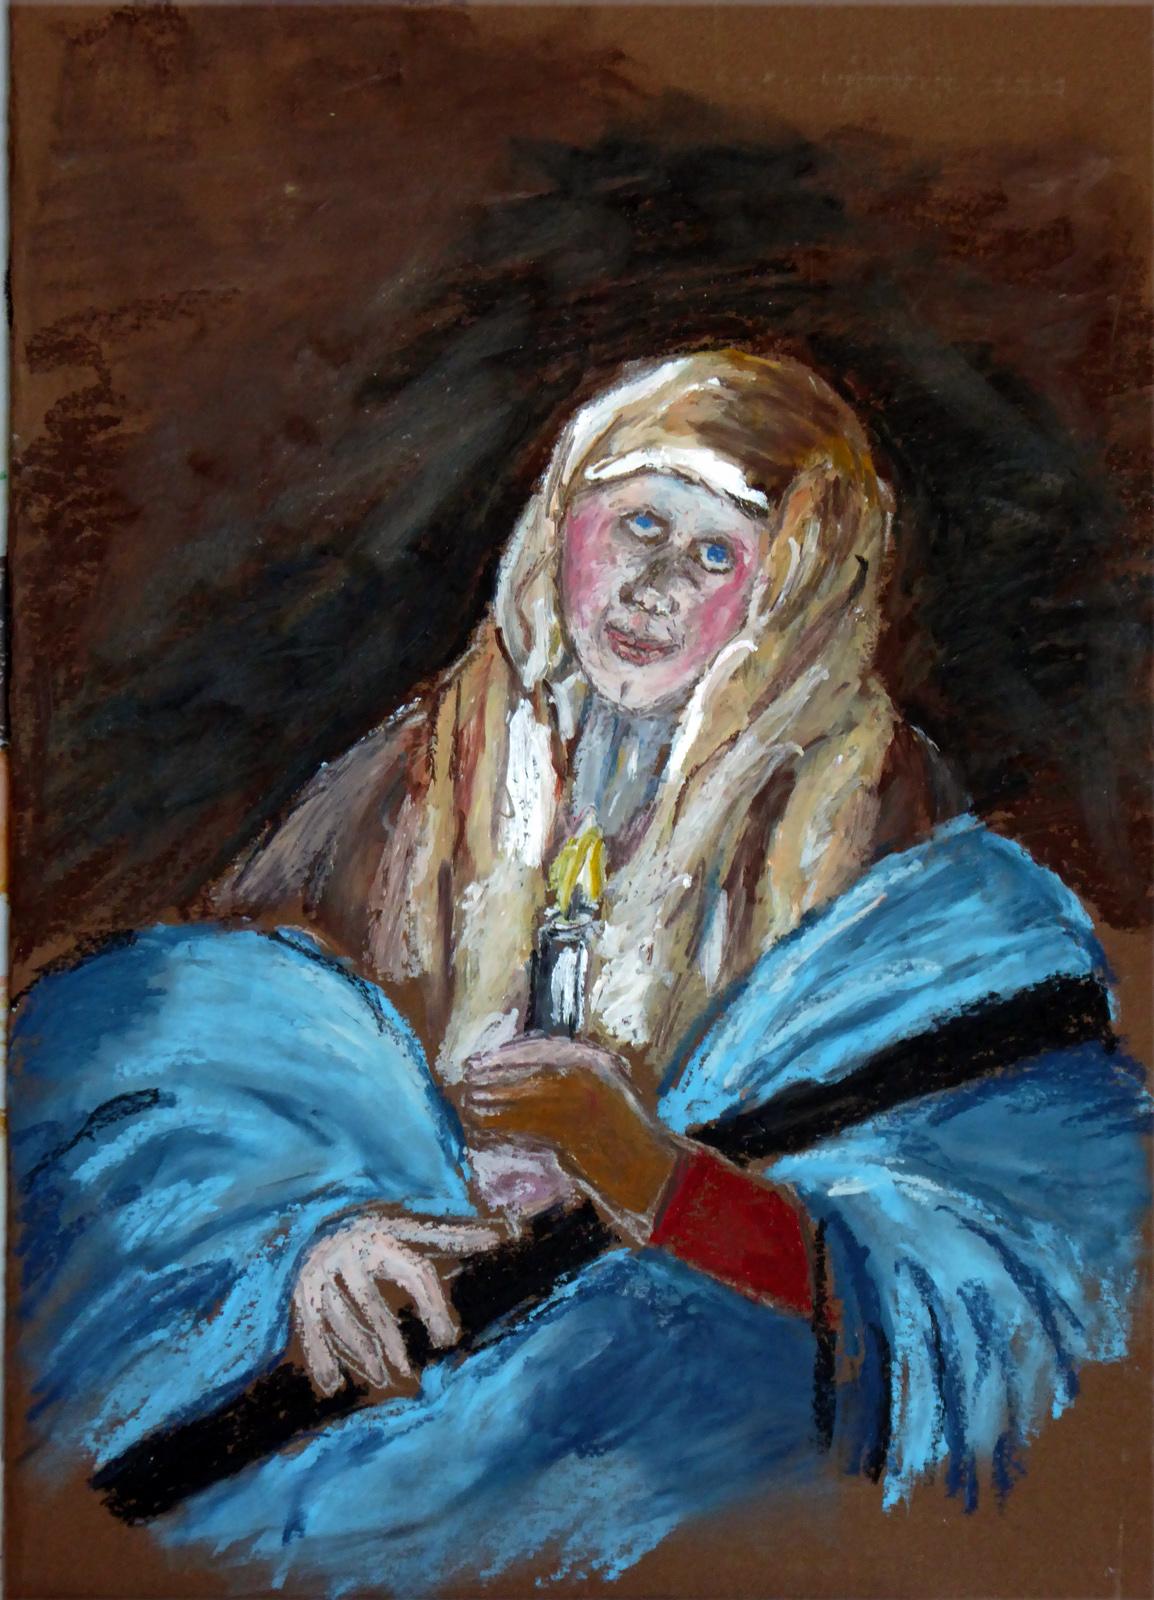 Art de vivre la peinture de peintrefiguratif croquis au pastel gras au louvre reproduction du for Peinture pastel gras